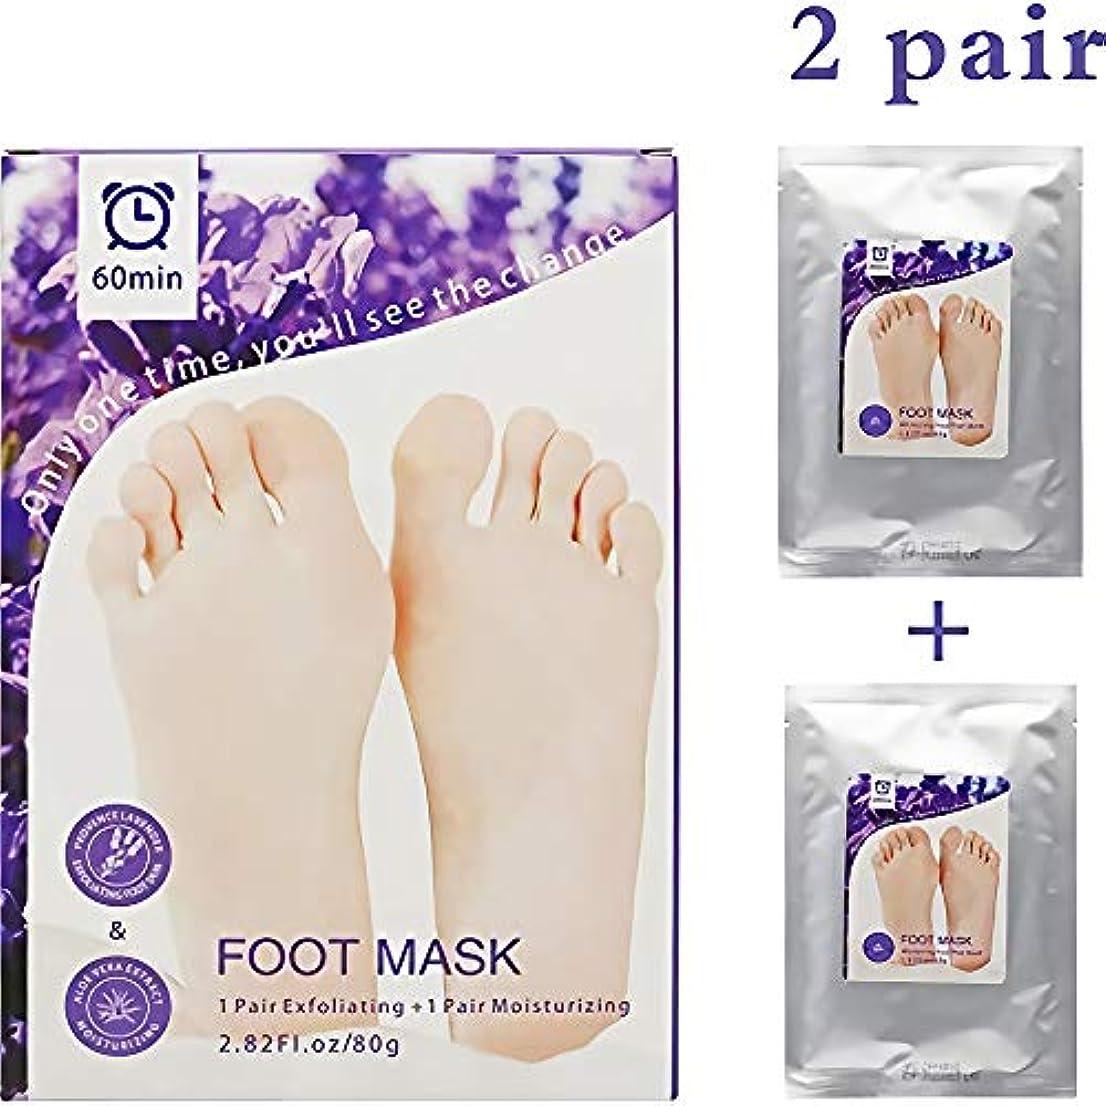 不調和摘む鏡男性と女性のための適切なフットピーリングマスク2ペア、エクスフォリエイティング保湿マスクフット、滑らかに適した古い皮膚を削除する靴底の柔らかさ、